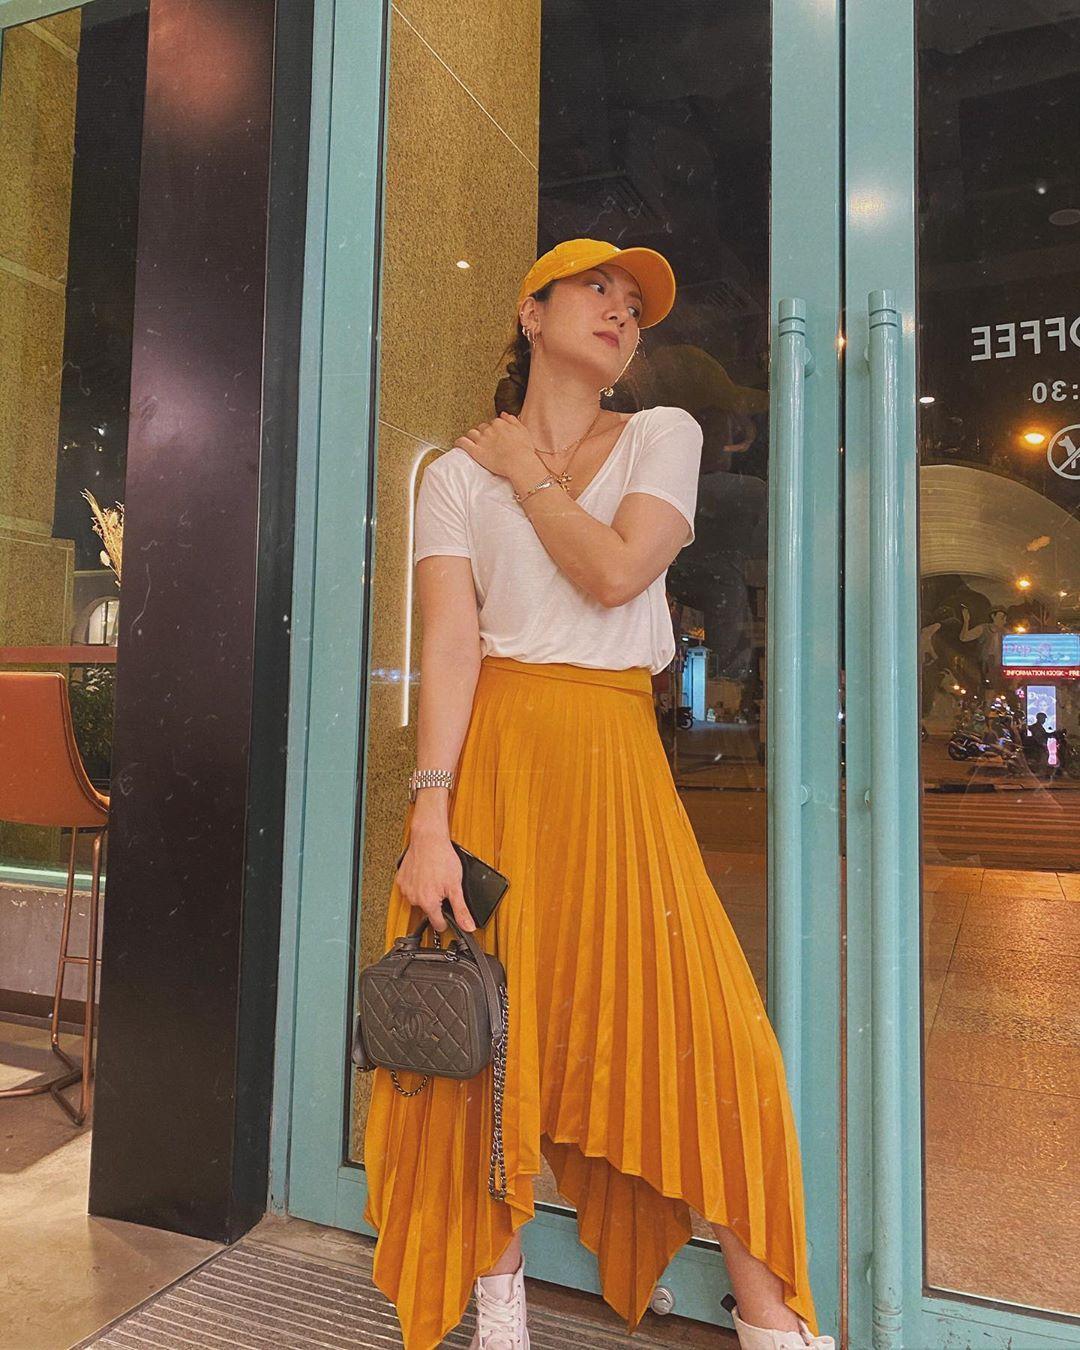 Các mỹ nhân Việt có loạt cách diện chân váy siêu xinh, bạn áp dụng thì sẽ đẹp mọi lúc mọi nơi - Ảnh 4.